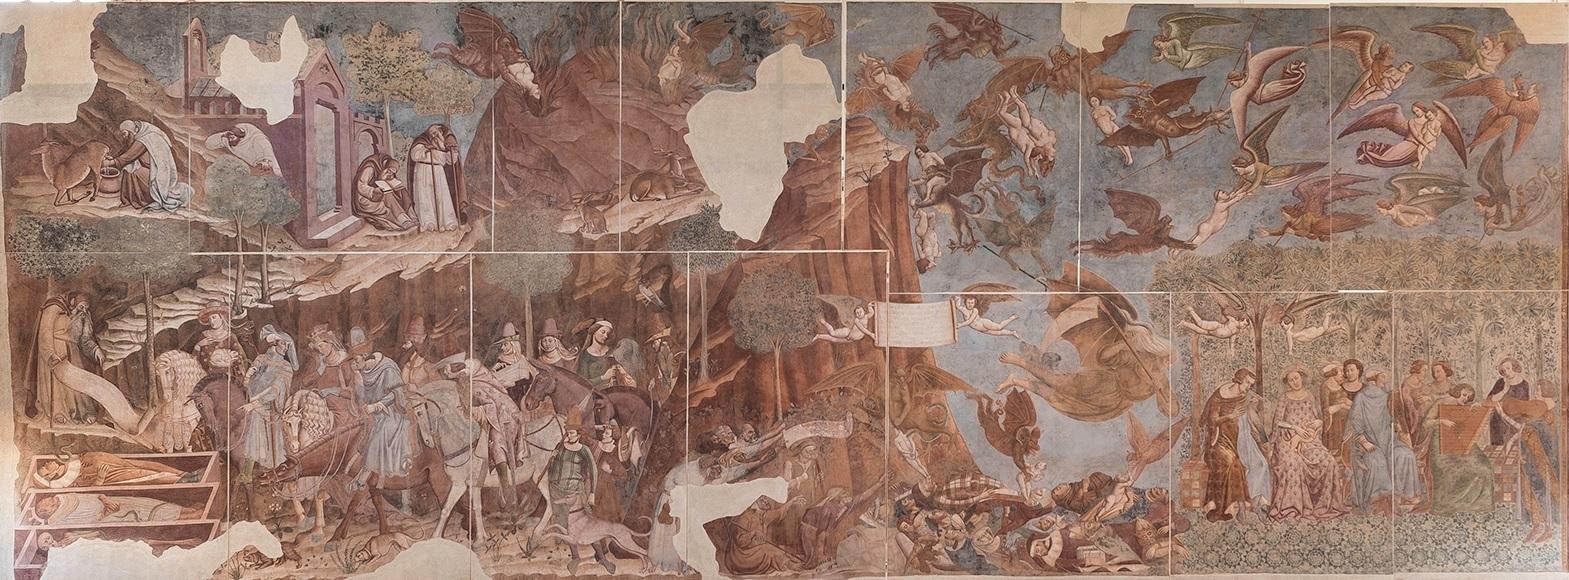 Buonamico Buffalmacco, Trionfo della morte, 1336-1341, Camposanto, Pisa